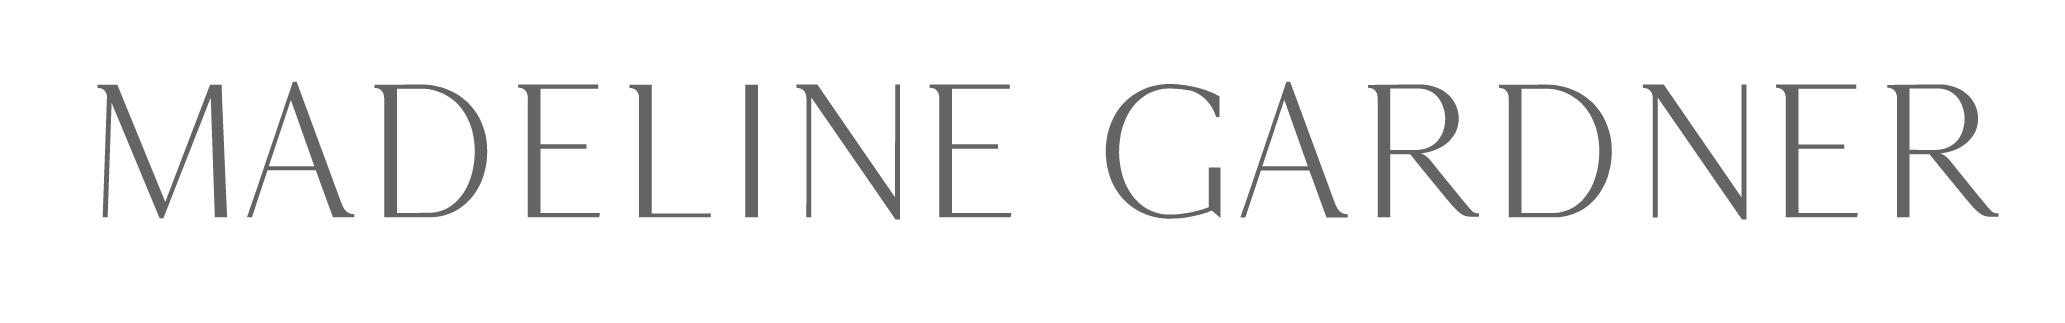 logo-madeline-gardner.jpg